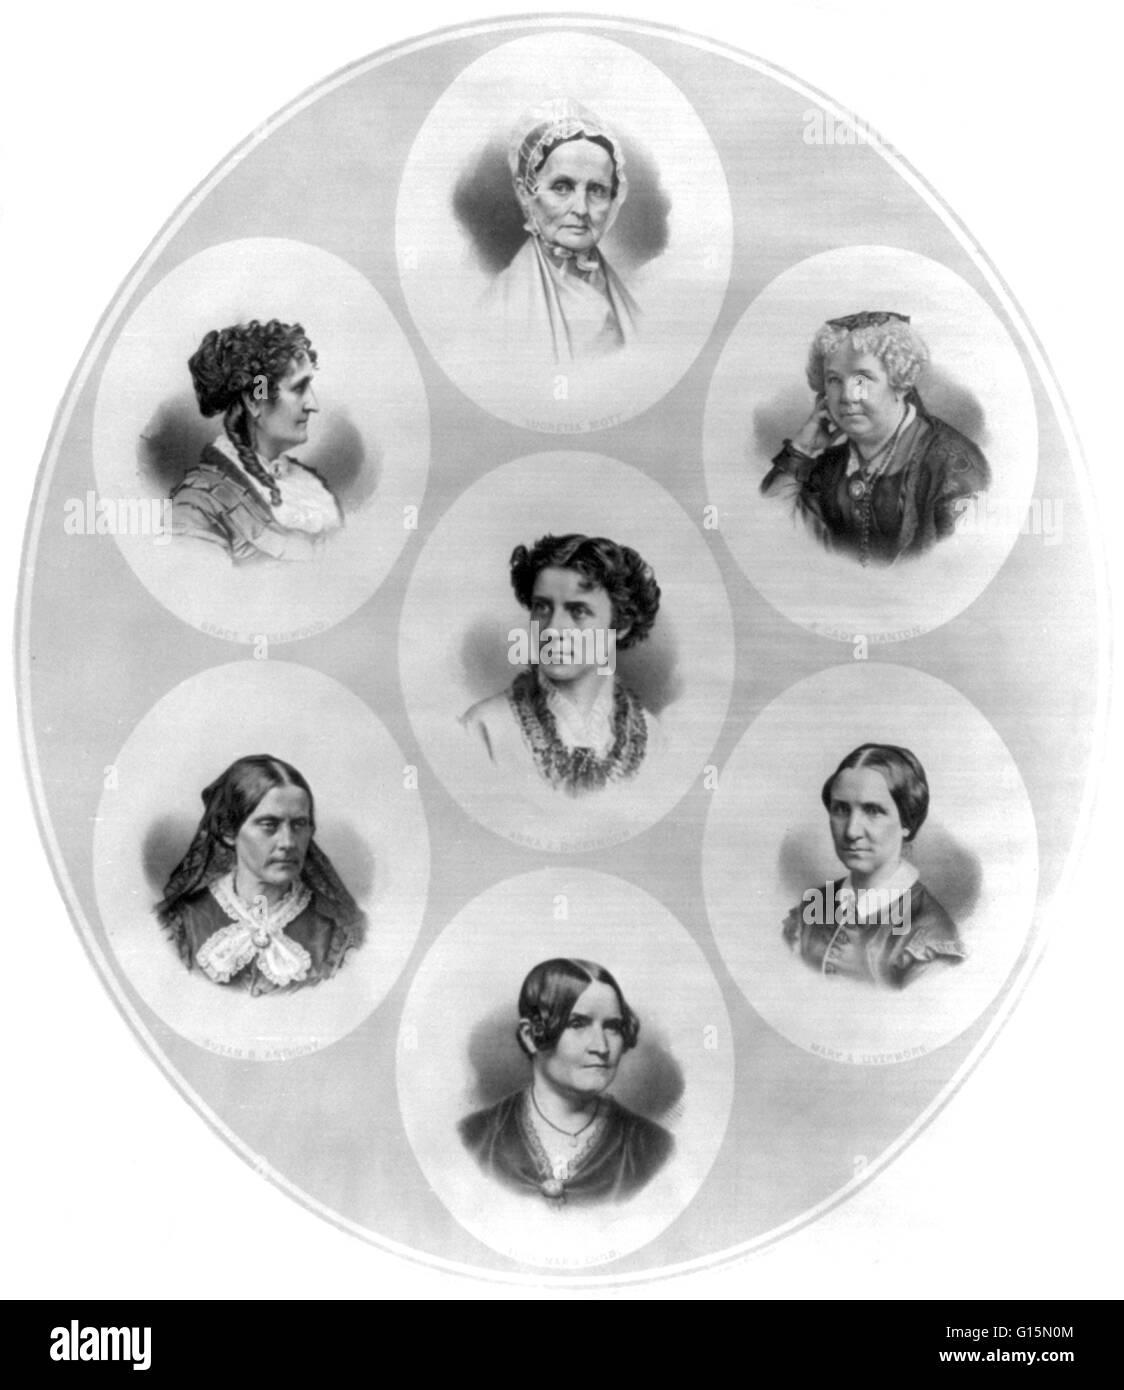 Lithographie mit Portraits von sieben Persönlichkeiten der Wahlen und die Rechte der Frauen Bewegung. Lucretia Stockbild